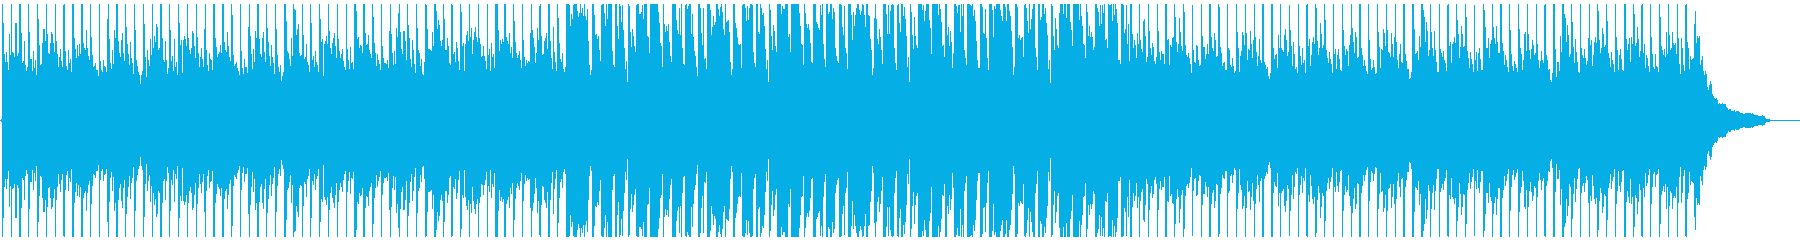 シンプルなアコギポップ、明るく爽やかの再生済みの波形